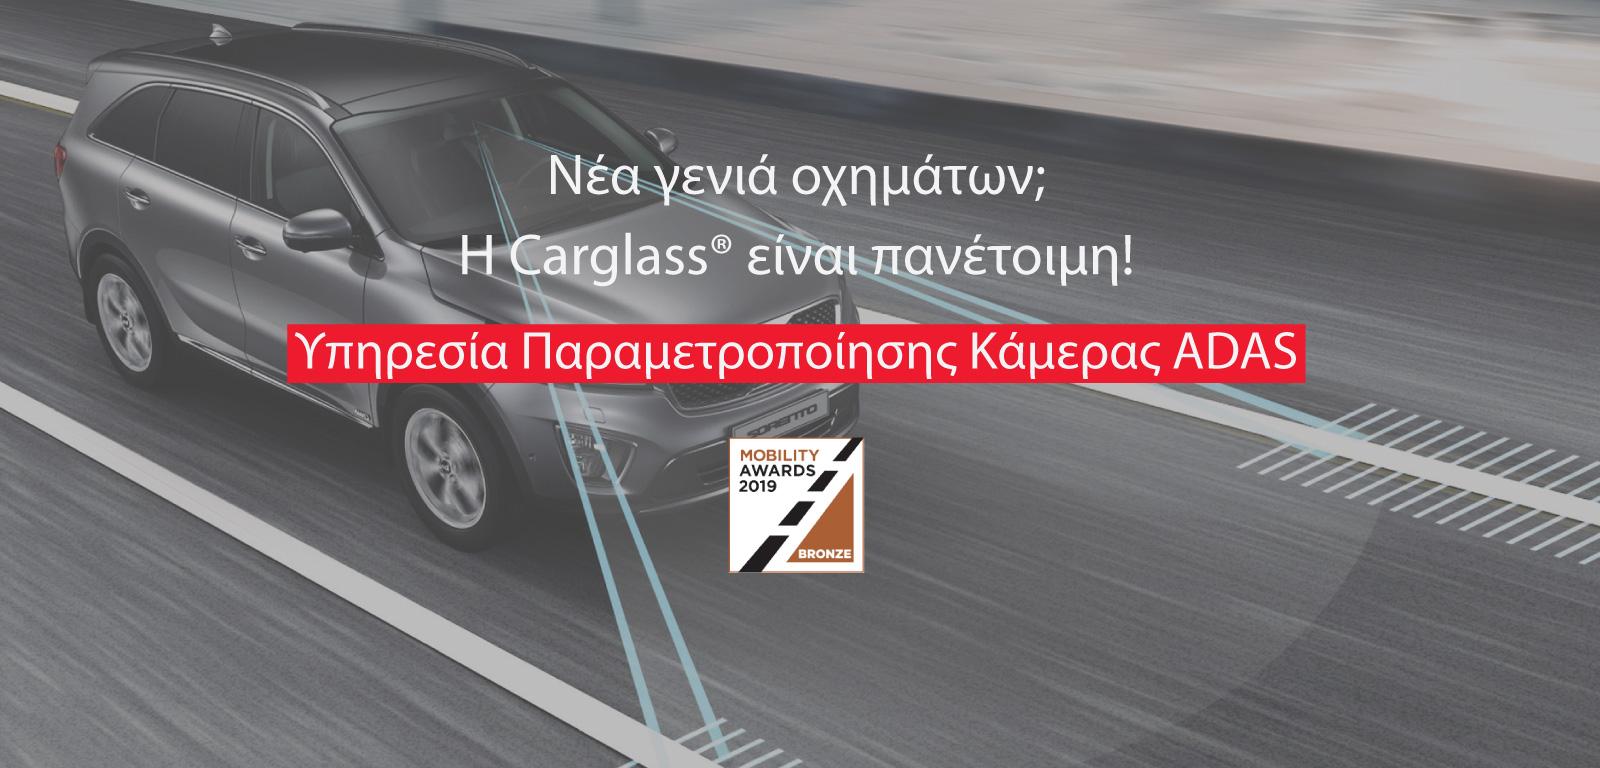 adas_mobility_awards